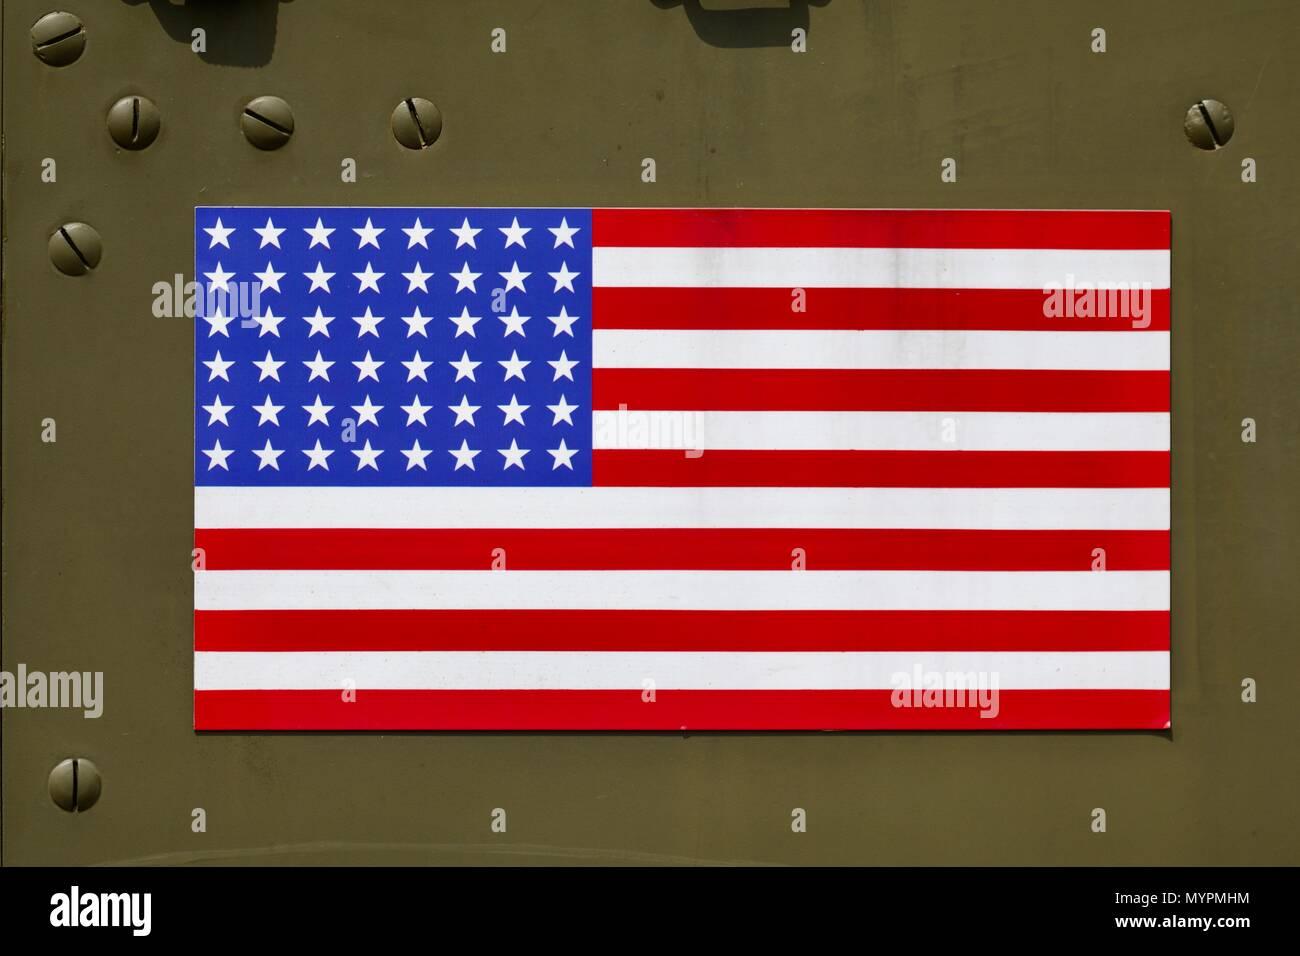 La Bandiera Americana Sulla Porta Per Una Guerra Mondiale 2 US Army M2 A Mezza Via Trasporto Di Personale